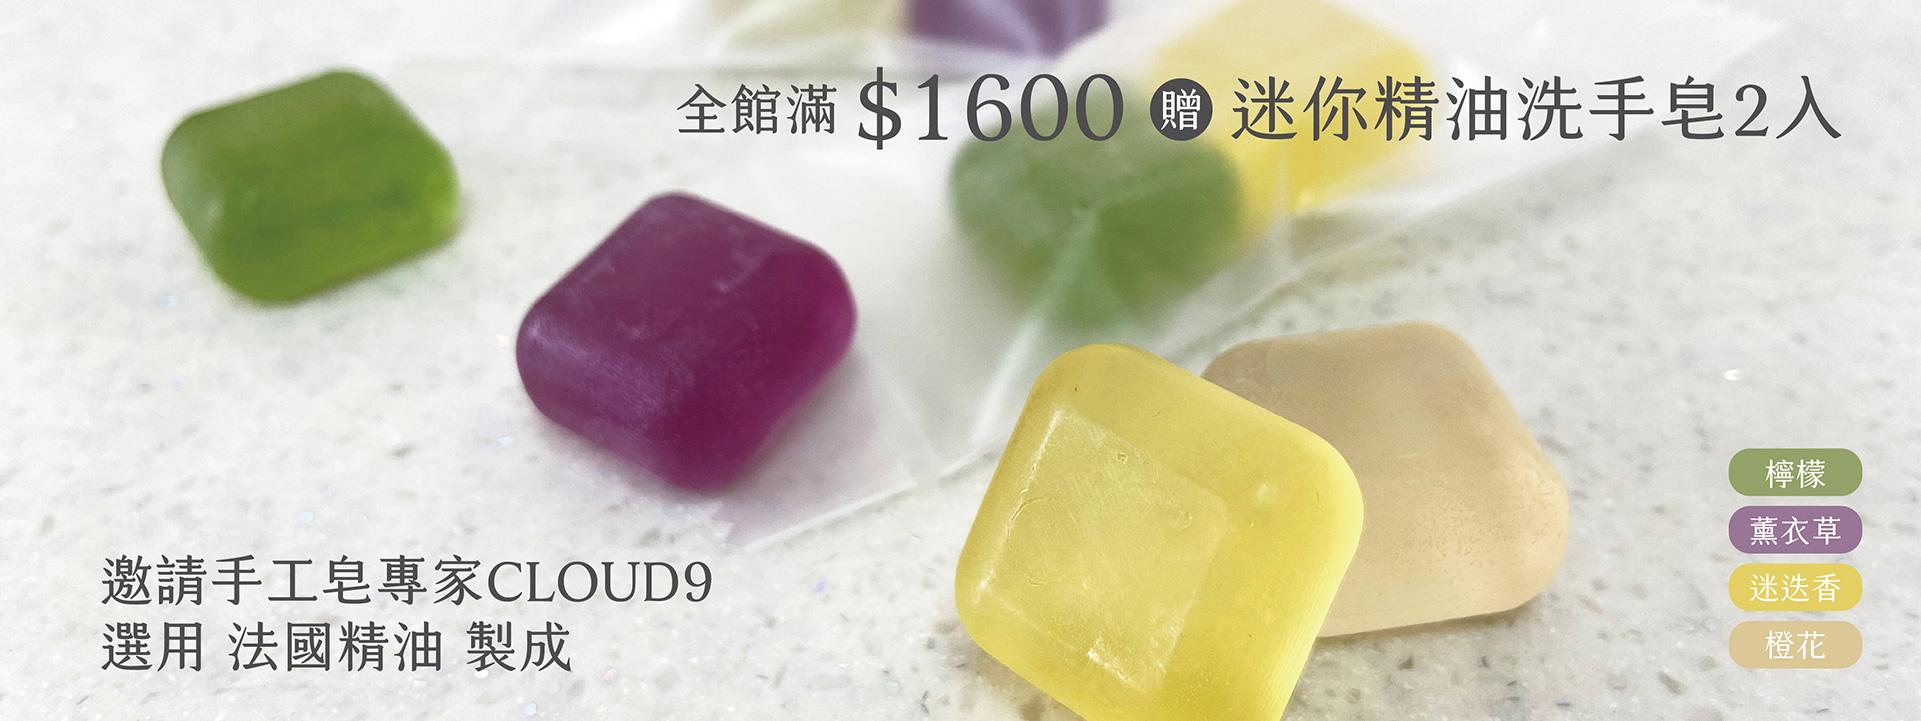 滿$1600贈手工精油洗手皂